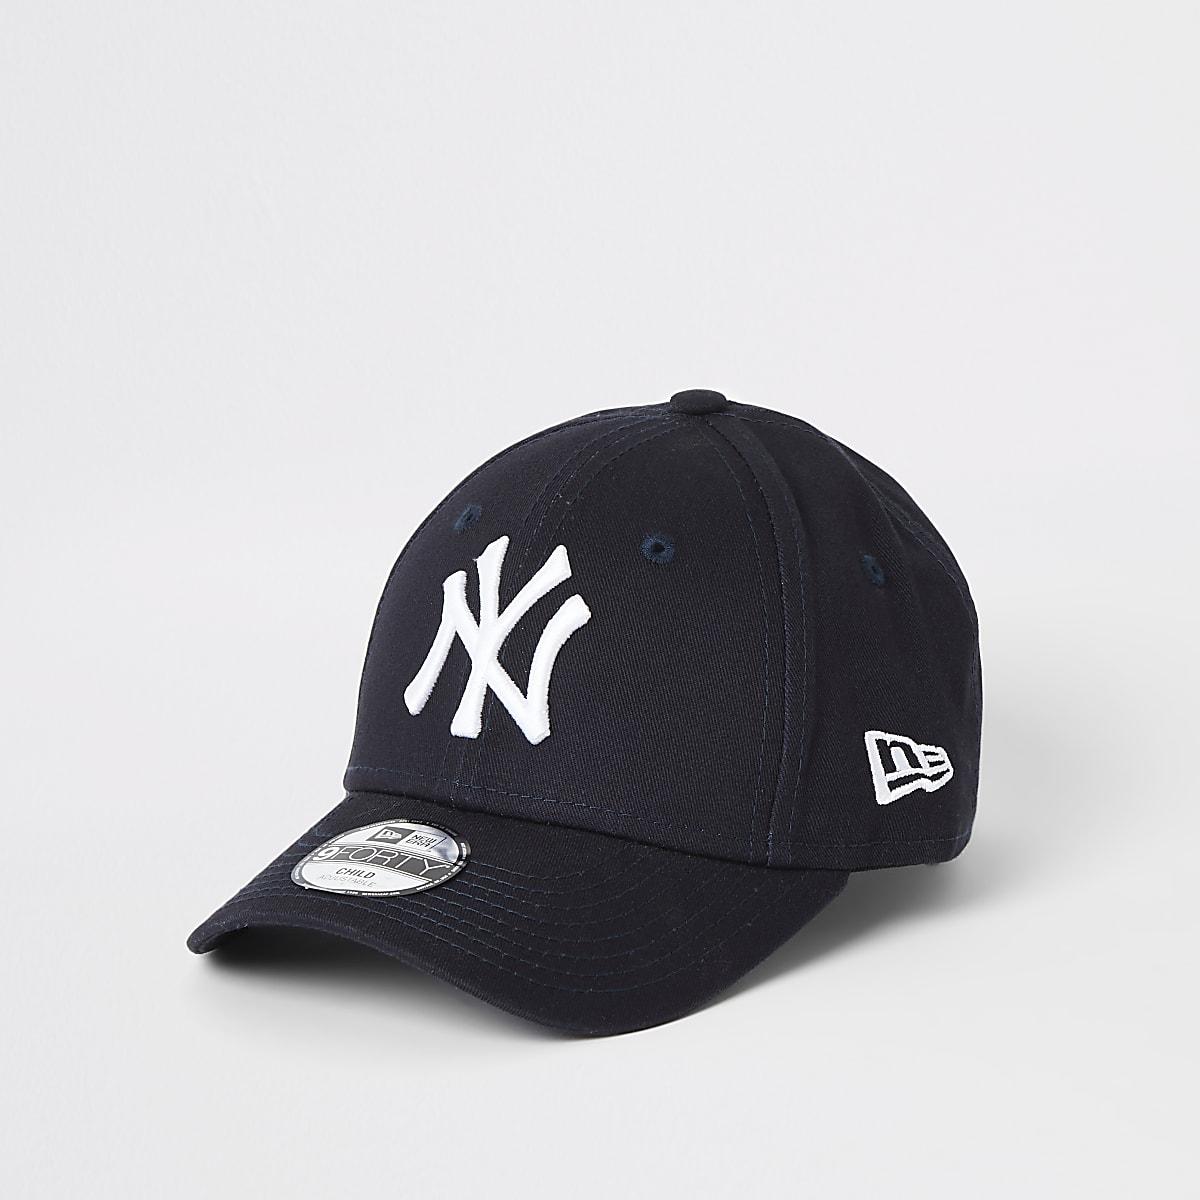 Mini boys New Era NY navy curved peak cap